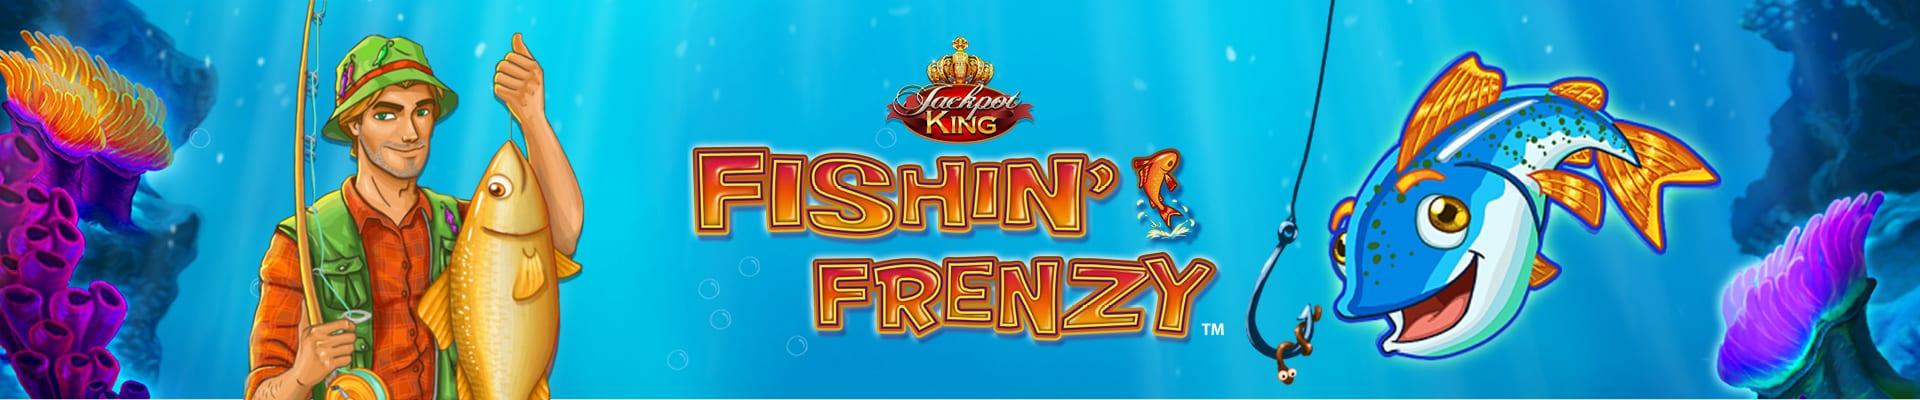 Fishin' Frenzy Jackpot King Slot Wizard Slots